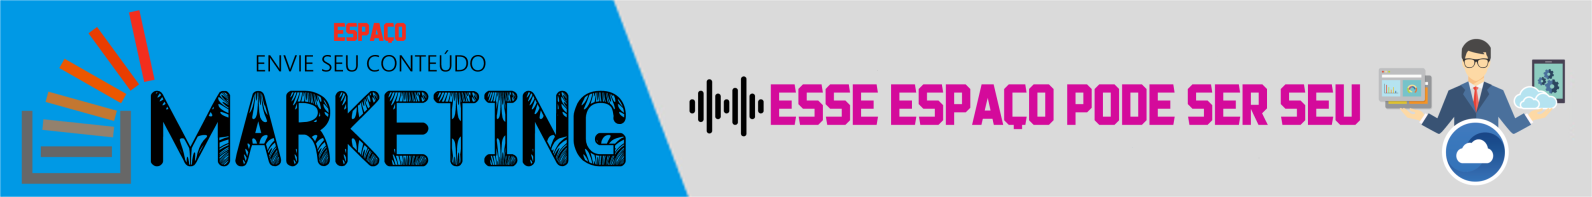 https://www.djilaycapita.com/p/envio-de-muisicas-para-o-blog.html